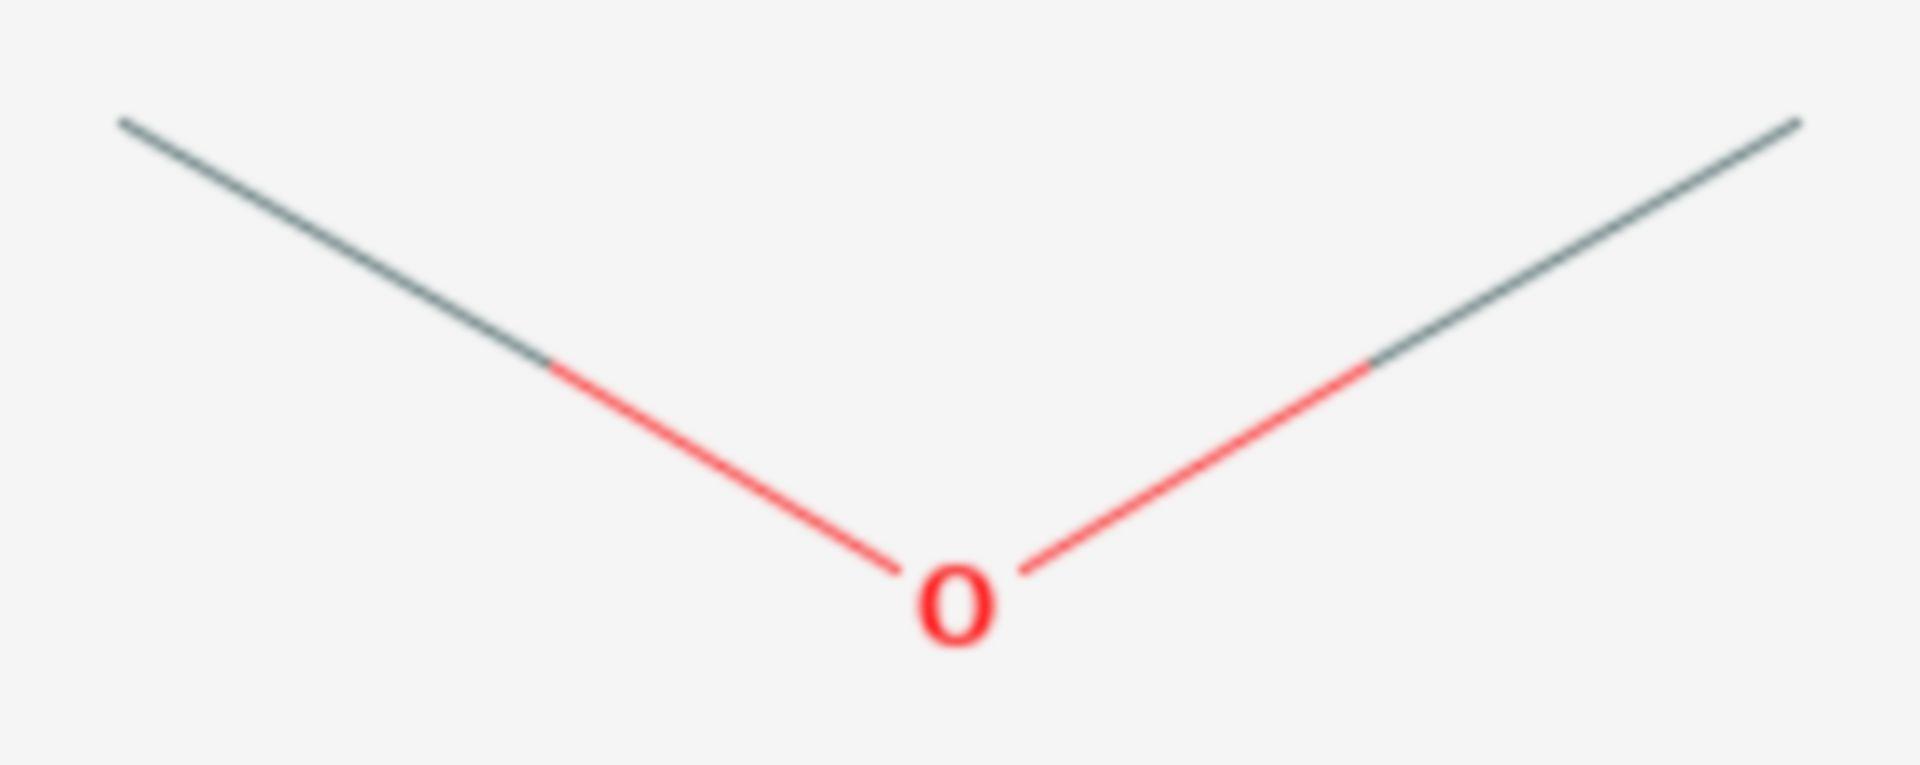 Etere dimetilico (Formula di struttura)